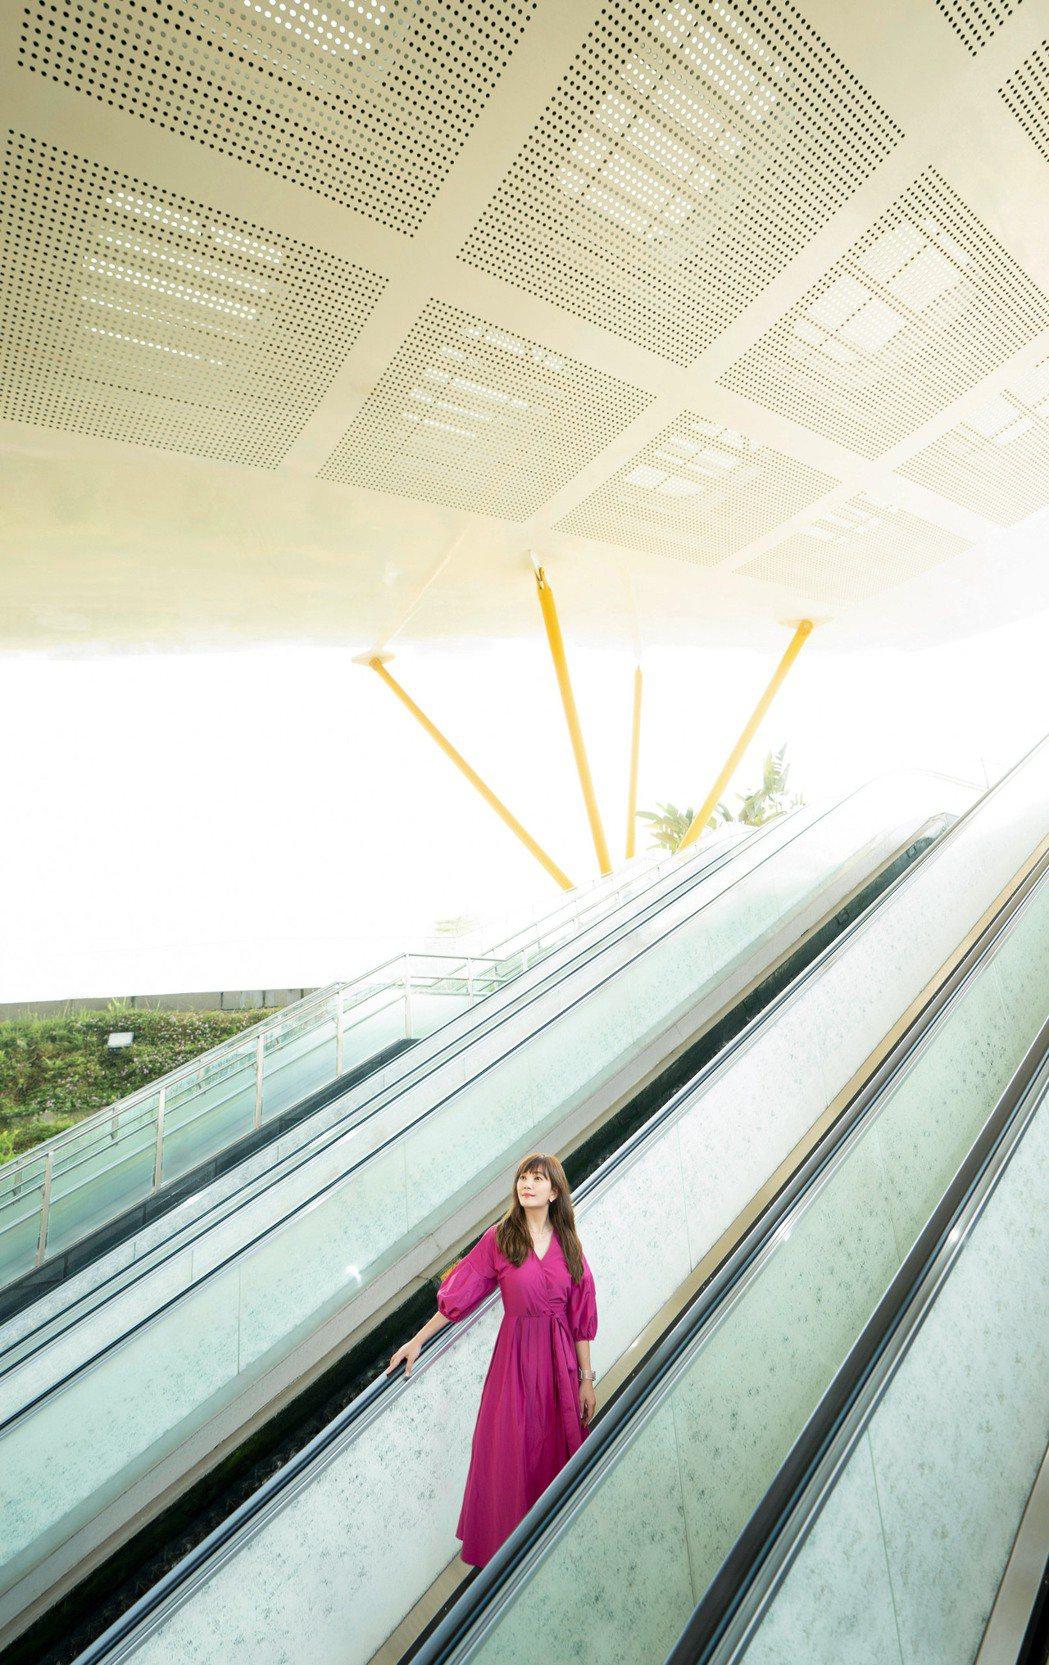 梁靜茹訪曾榮登世界最美15地鐵站之一的高雄捷運中央公園站。圖/寬魚國際、圓頂文化